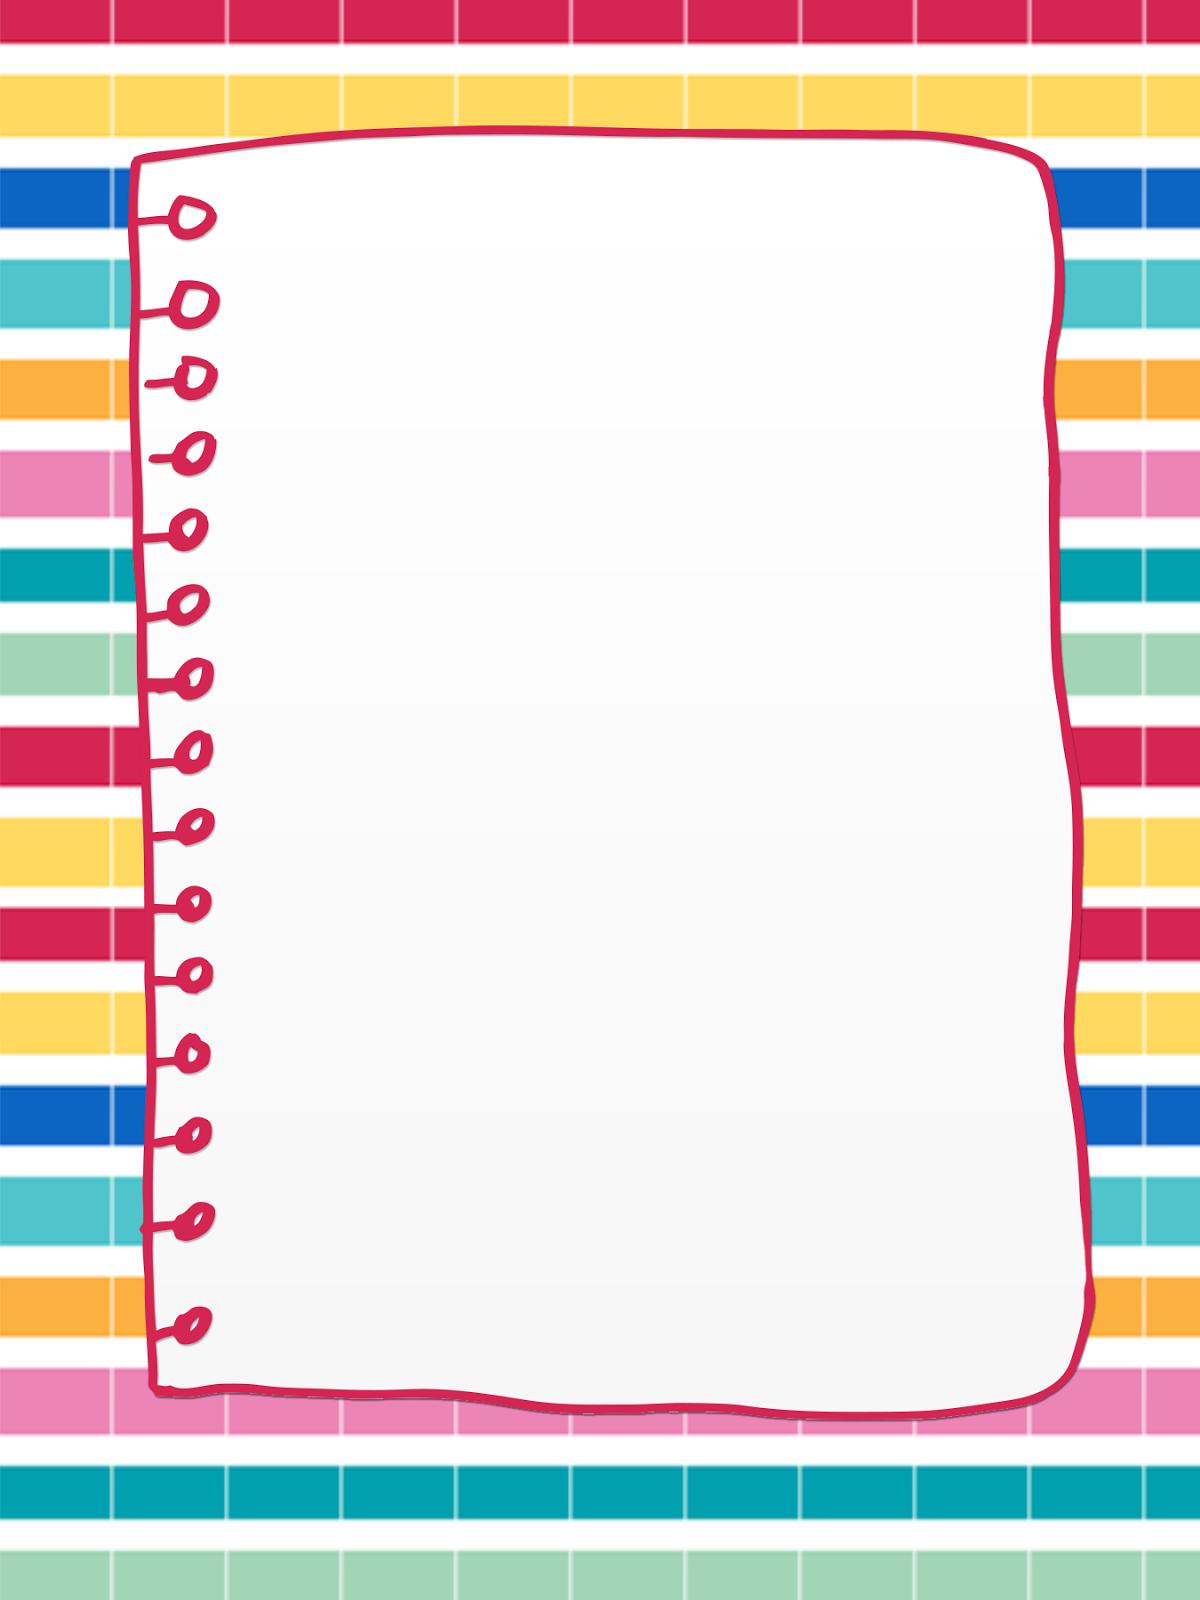 Free Printable Christmas Stationary Borders   Christmasstationery - Free Printable Background Pages